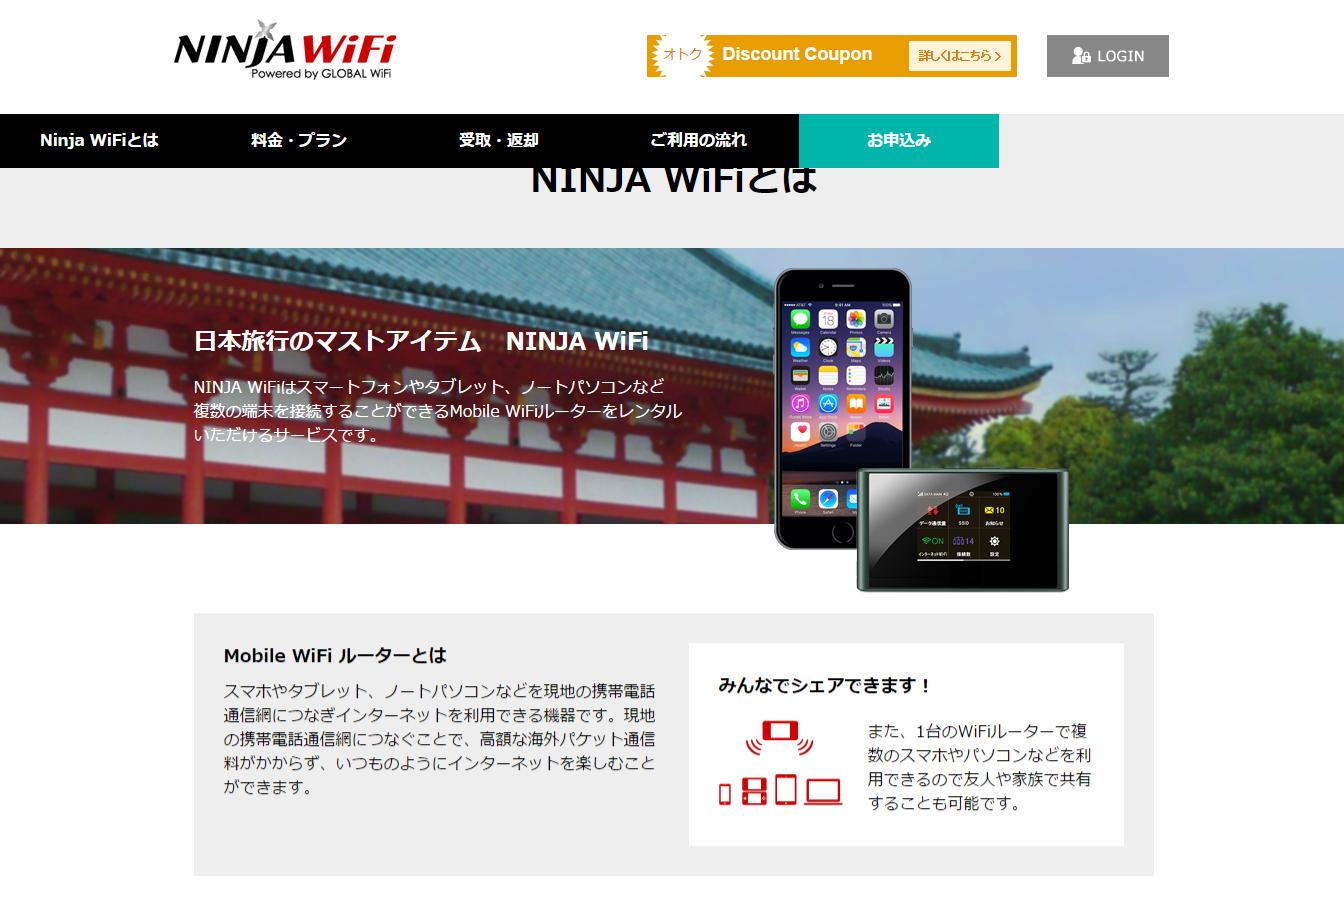 NINJA WiFiとは   日本国内Wifi短期レンタルのNINJA Wifi